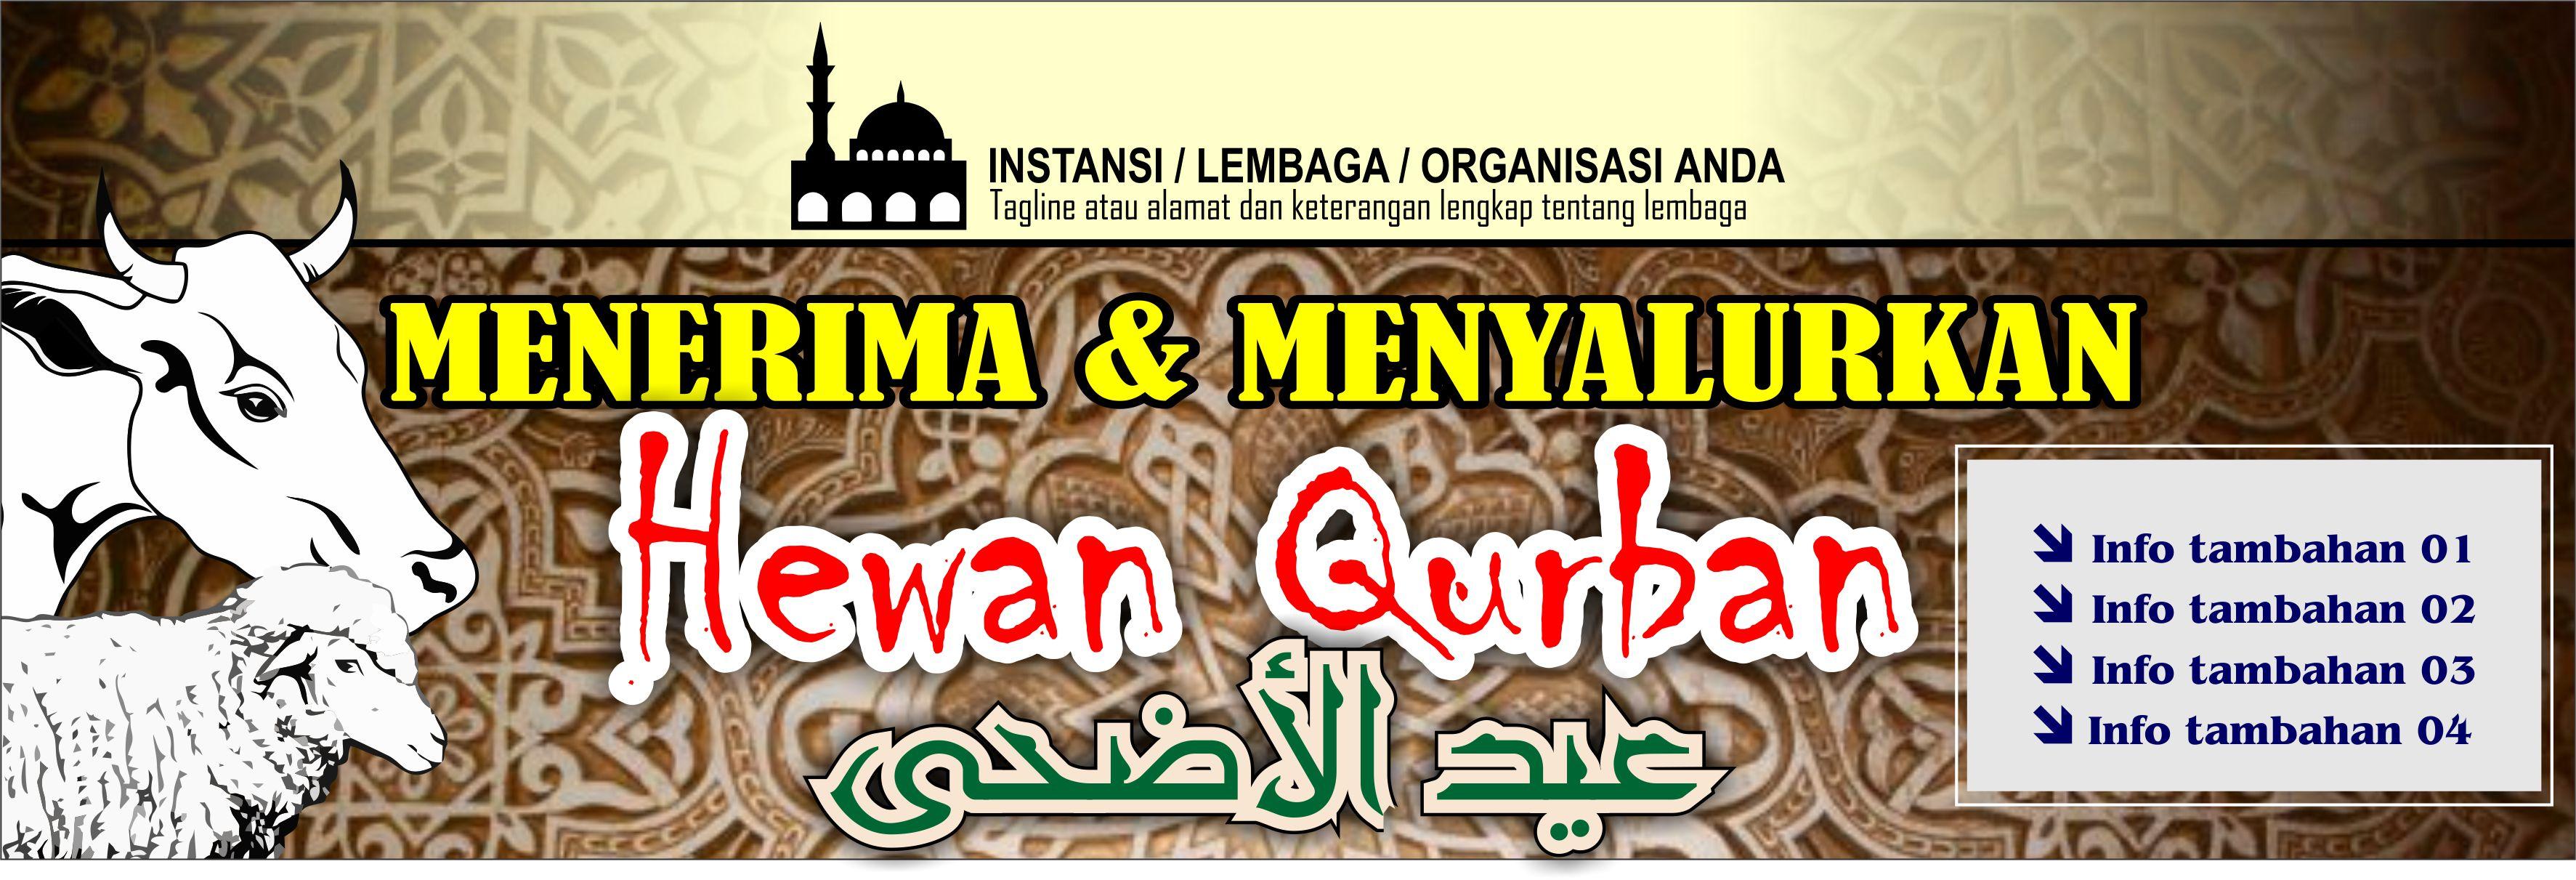 Banner Spanduk Qurban Iedul Adha 1437 2016 Free Download